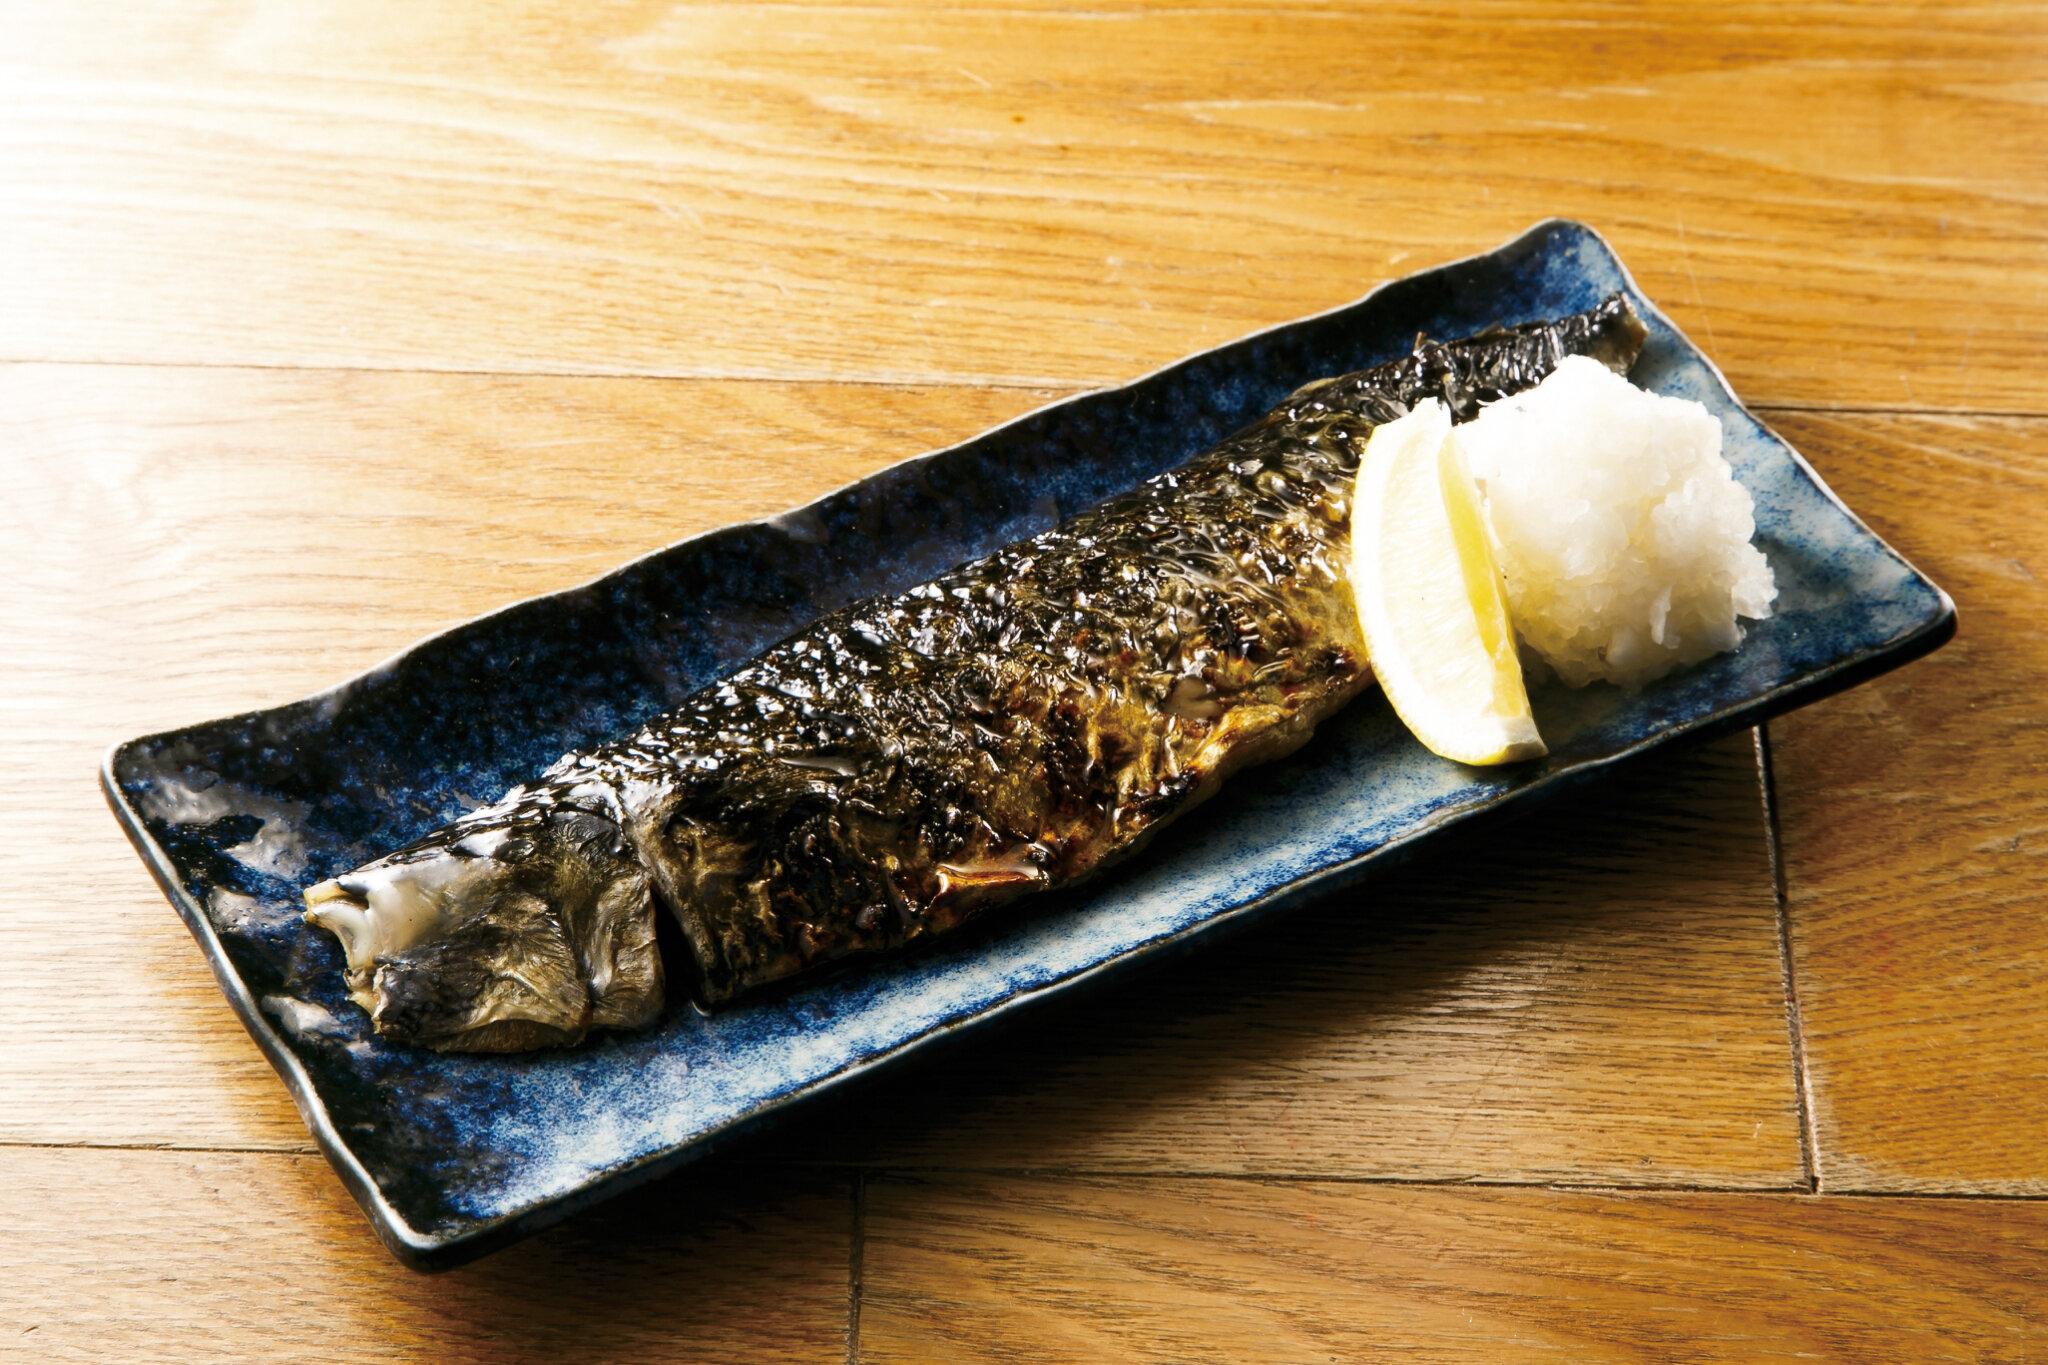 トロ鯖焼 Grilled Mackerel ($12)